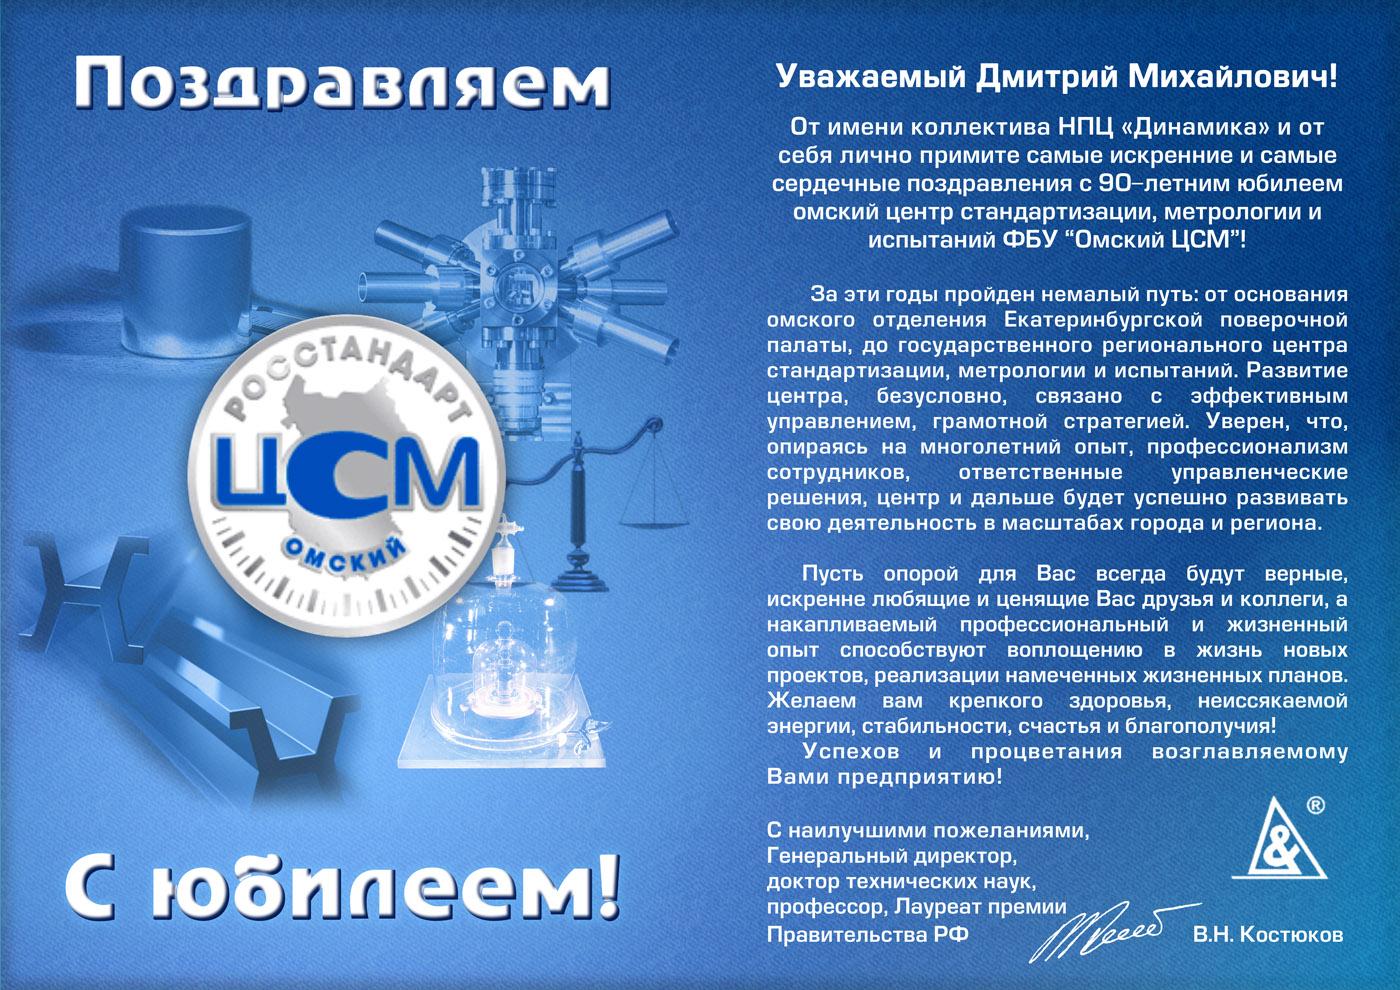 Поздравление с юбилеем химического завода